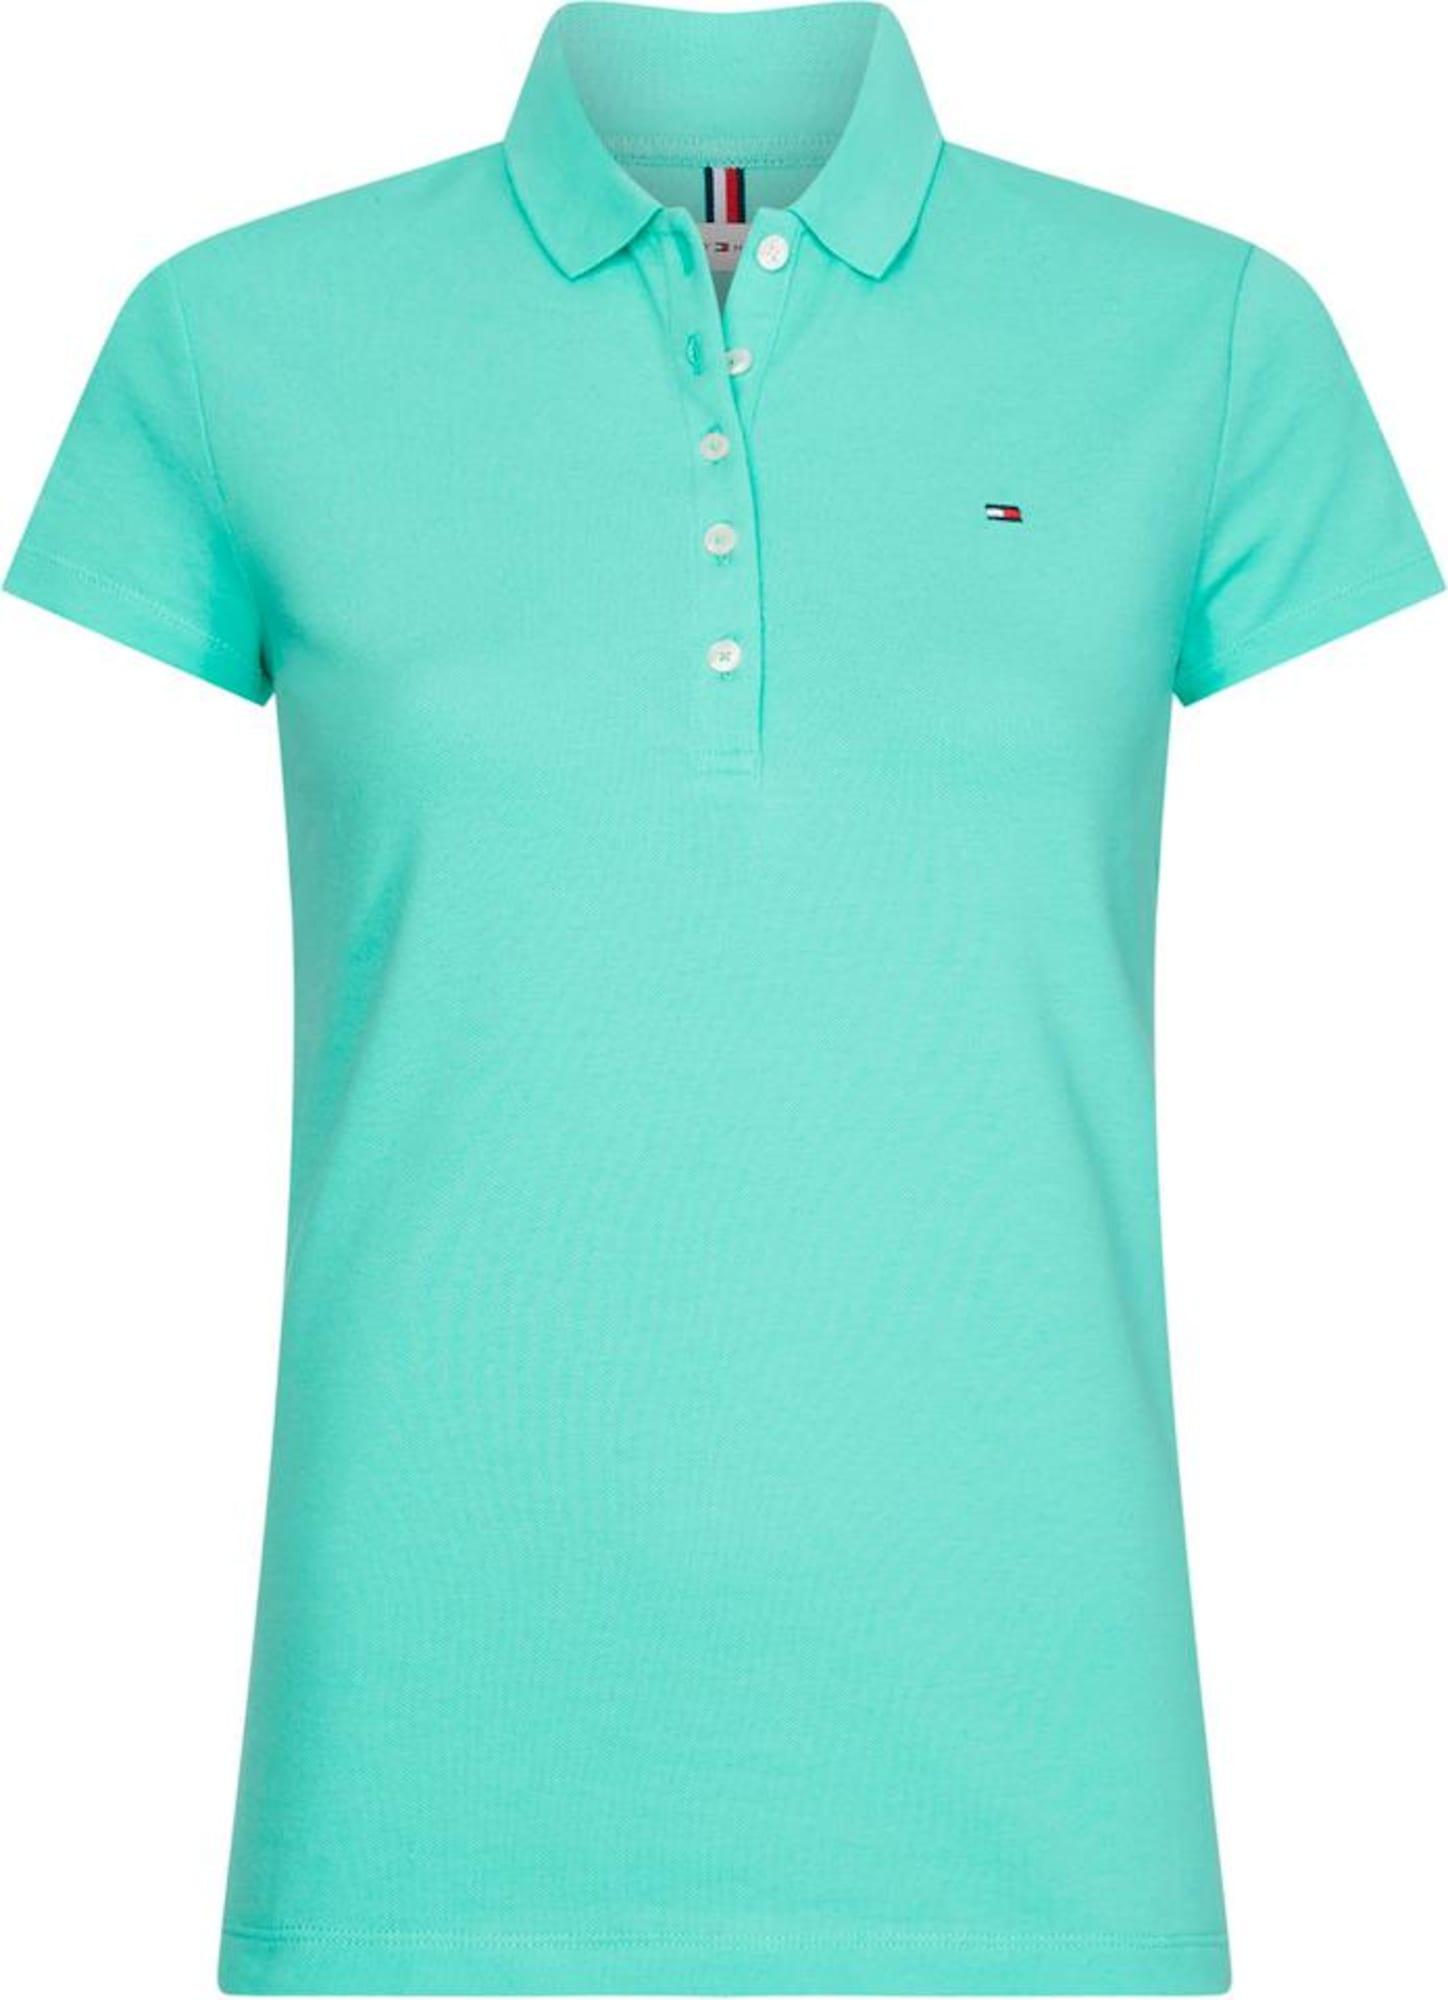 TOMMY HILFIGER Marškinėliai mėtų spalva